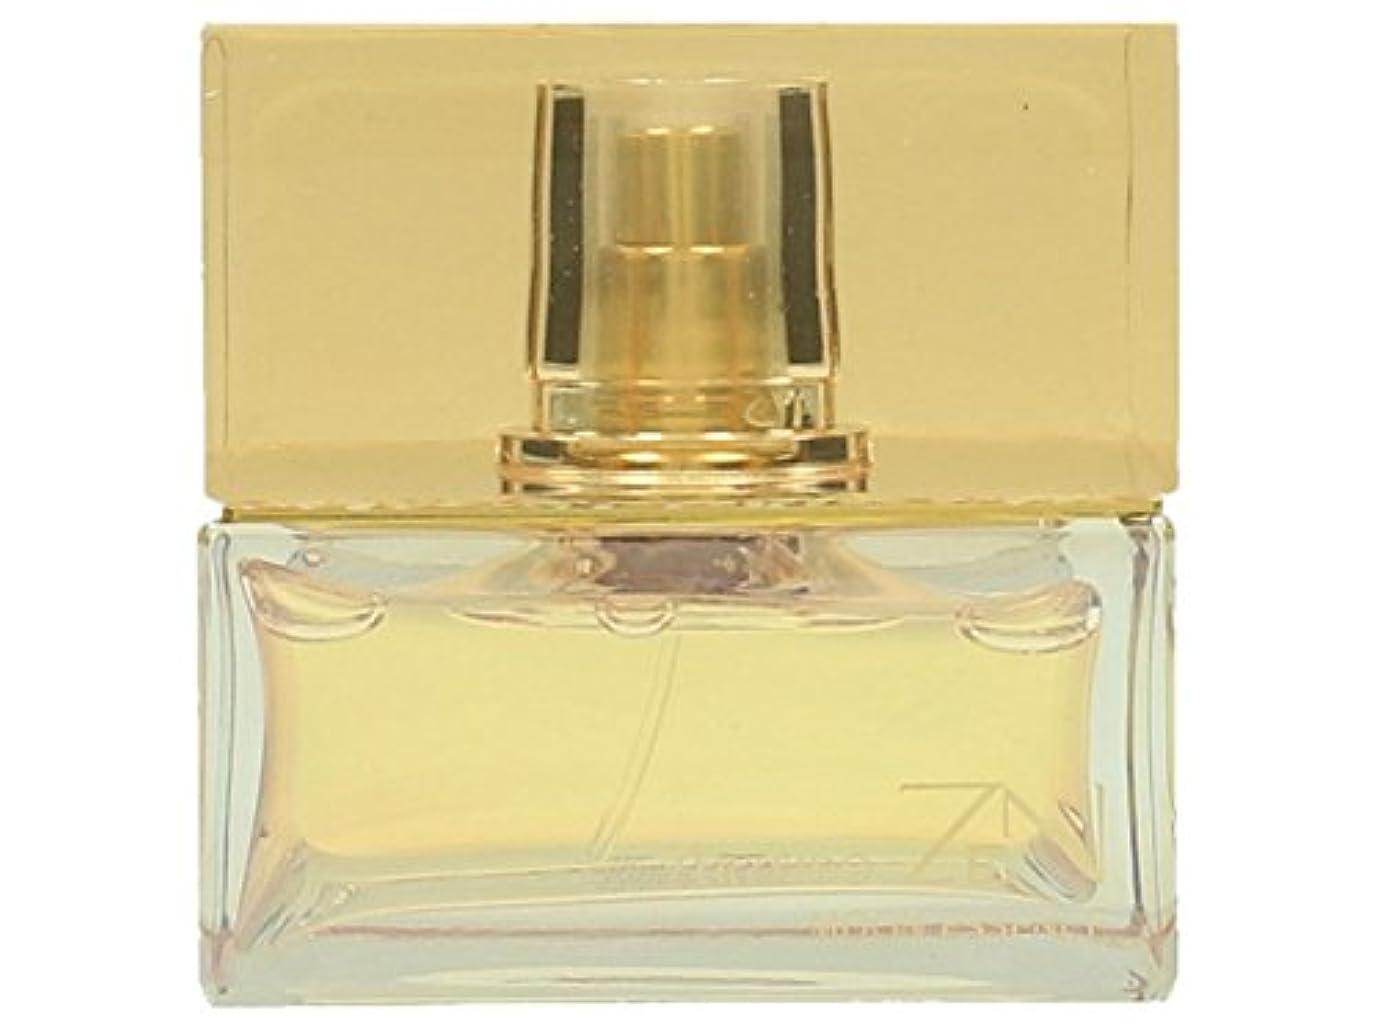 ラック痛み突き刺す資生堂 Zen Moon Essence Eau De Parfum Intense Spray 50ml/1.6oz並行輸入品